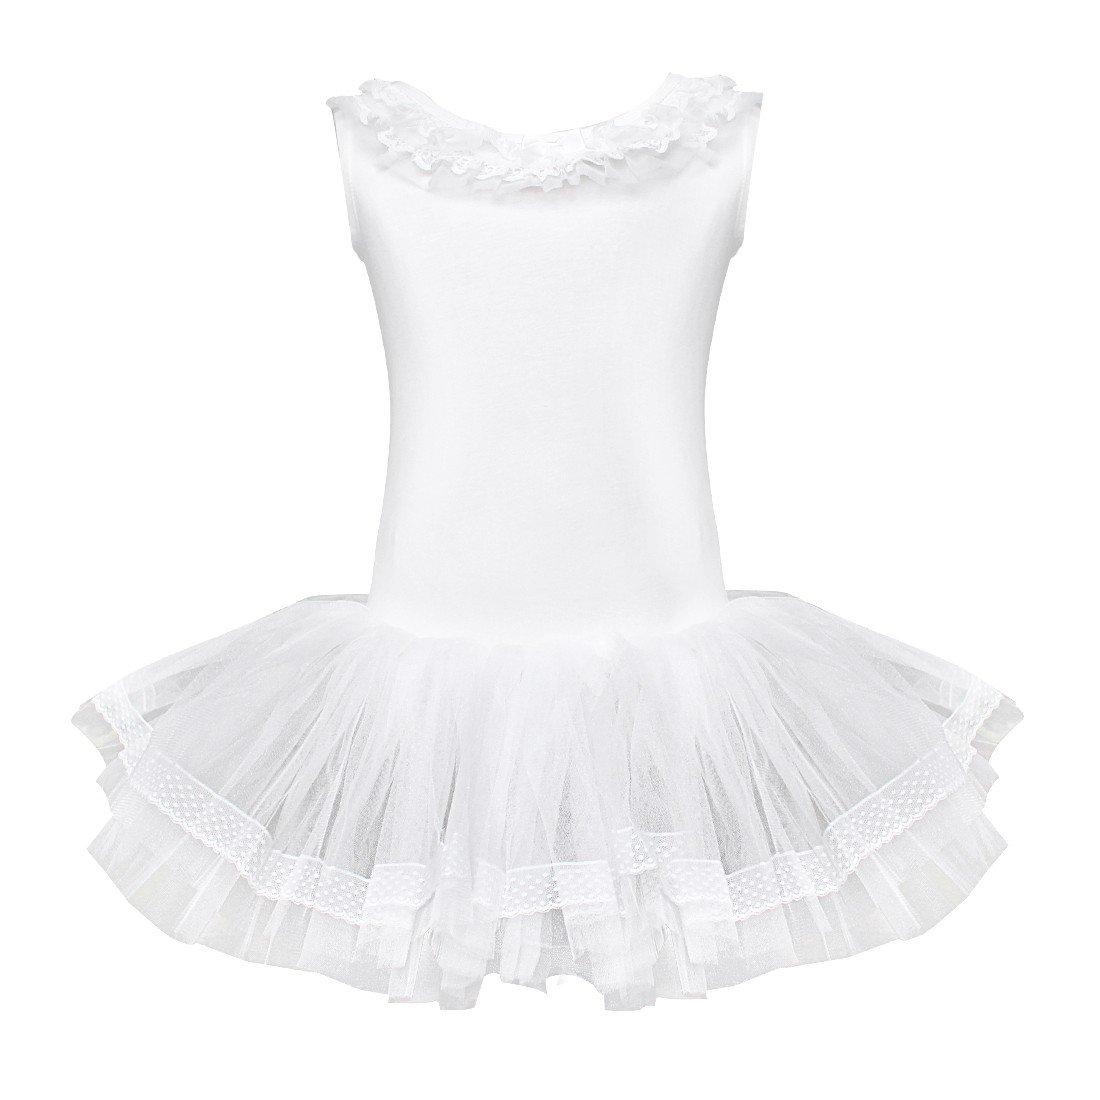 Agoky Girls Sequined Sleeveless Ballet Dance Leotard Tutu Skirted Dress Costumes White Dancer 5-6 by Agoky